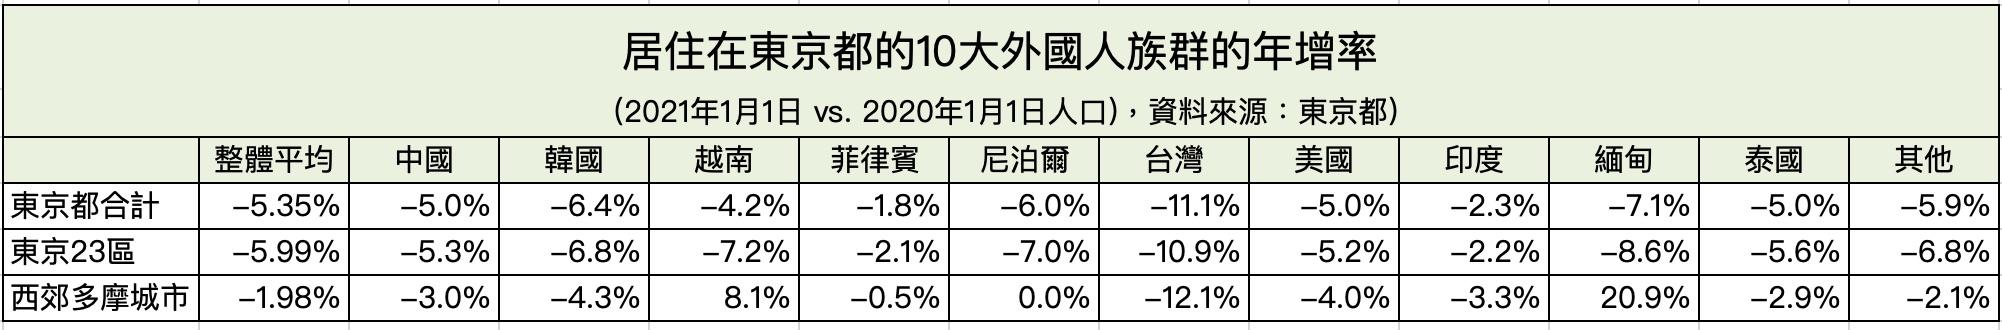 居住在東京都的10大外國人族群年增率-2021